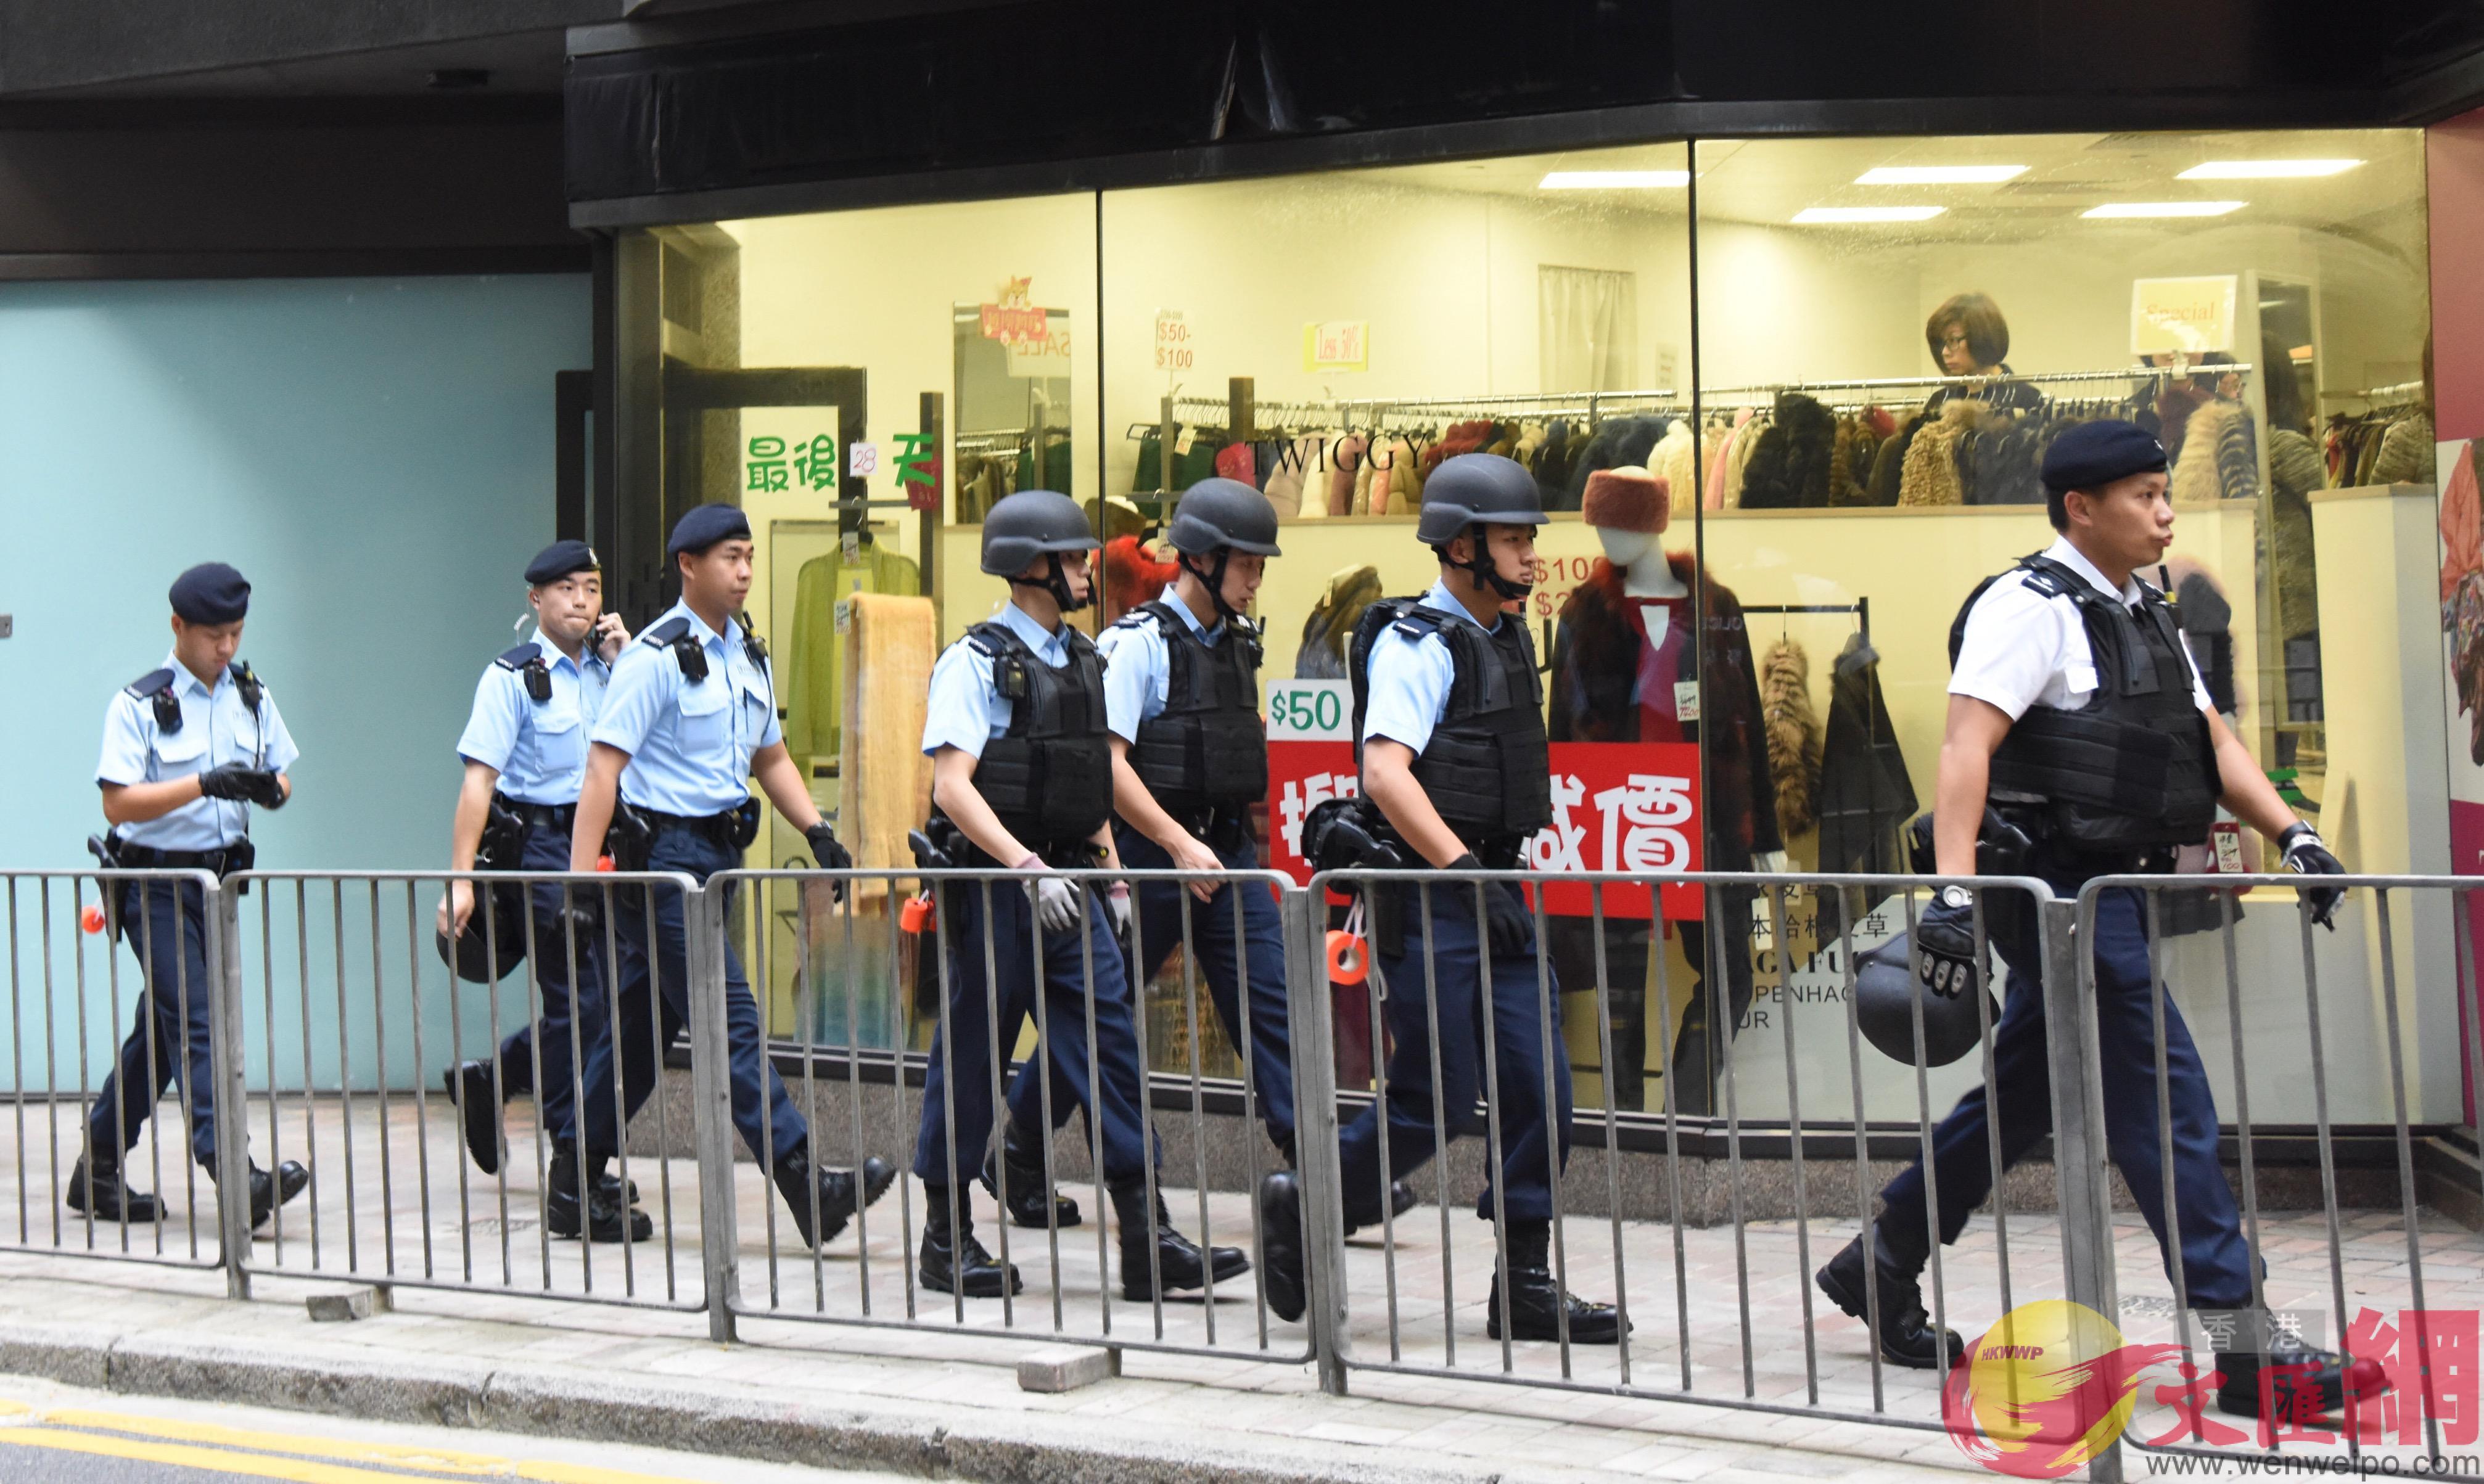 大批身穿避彈衣的警員到場追緝匪徒